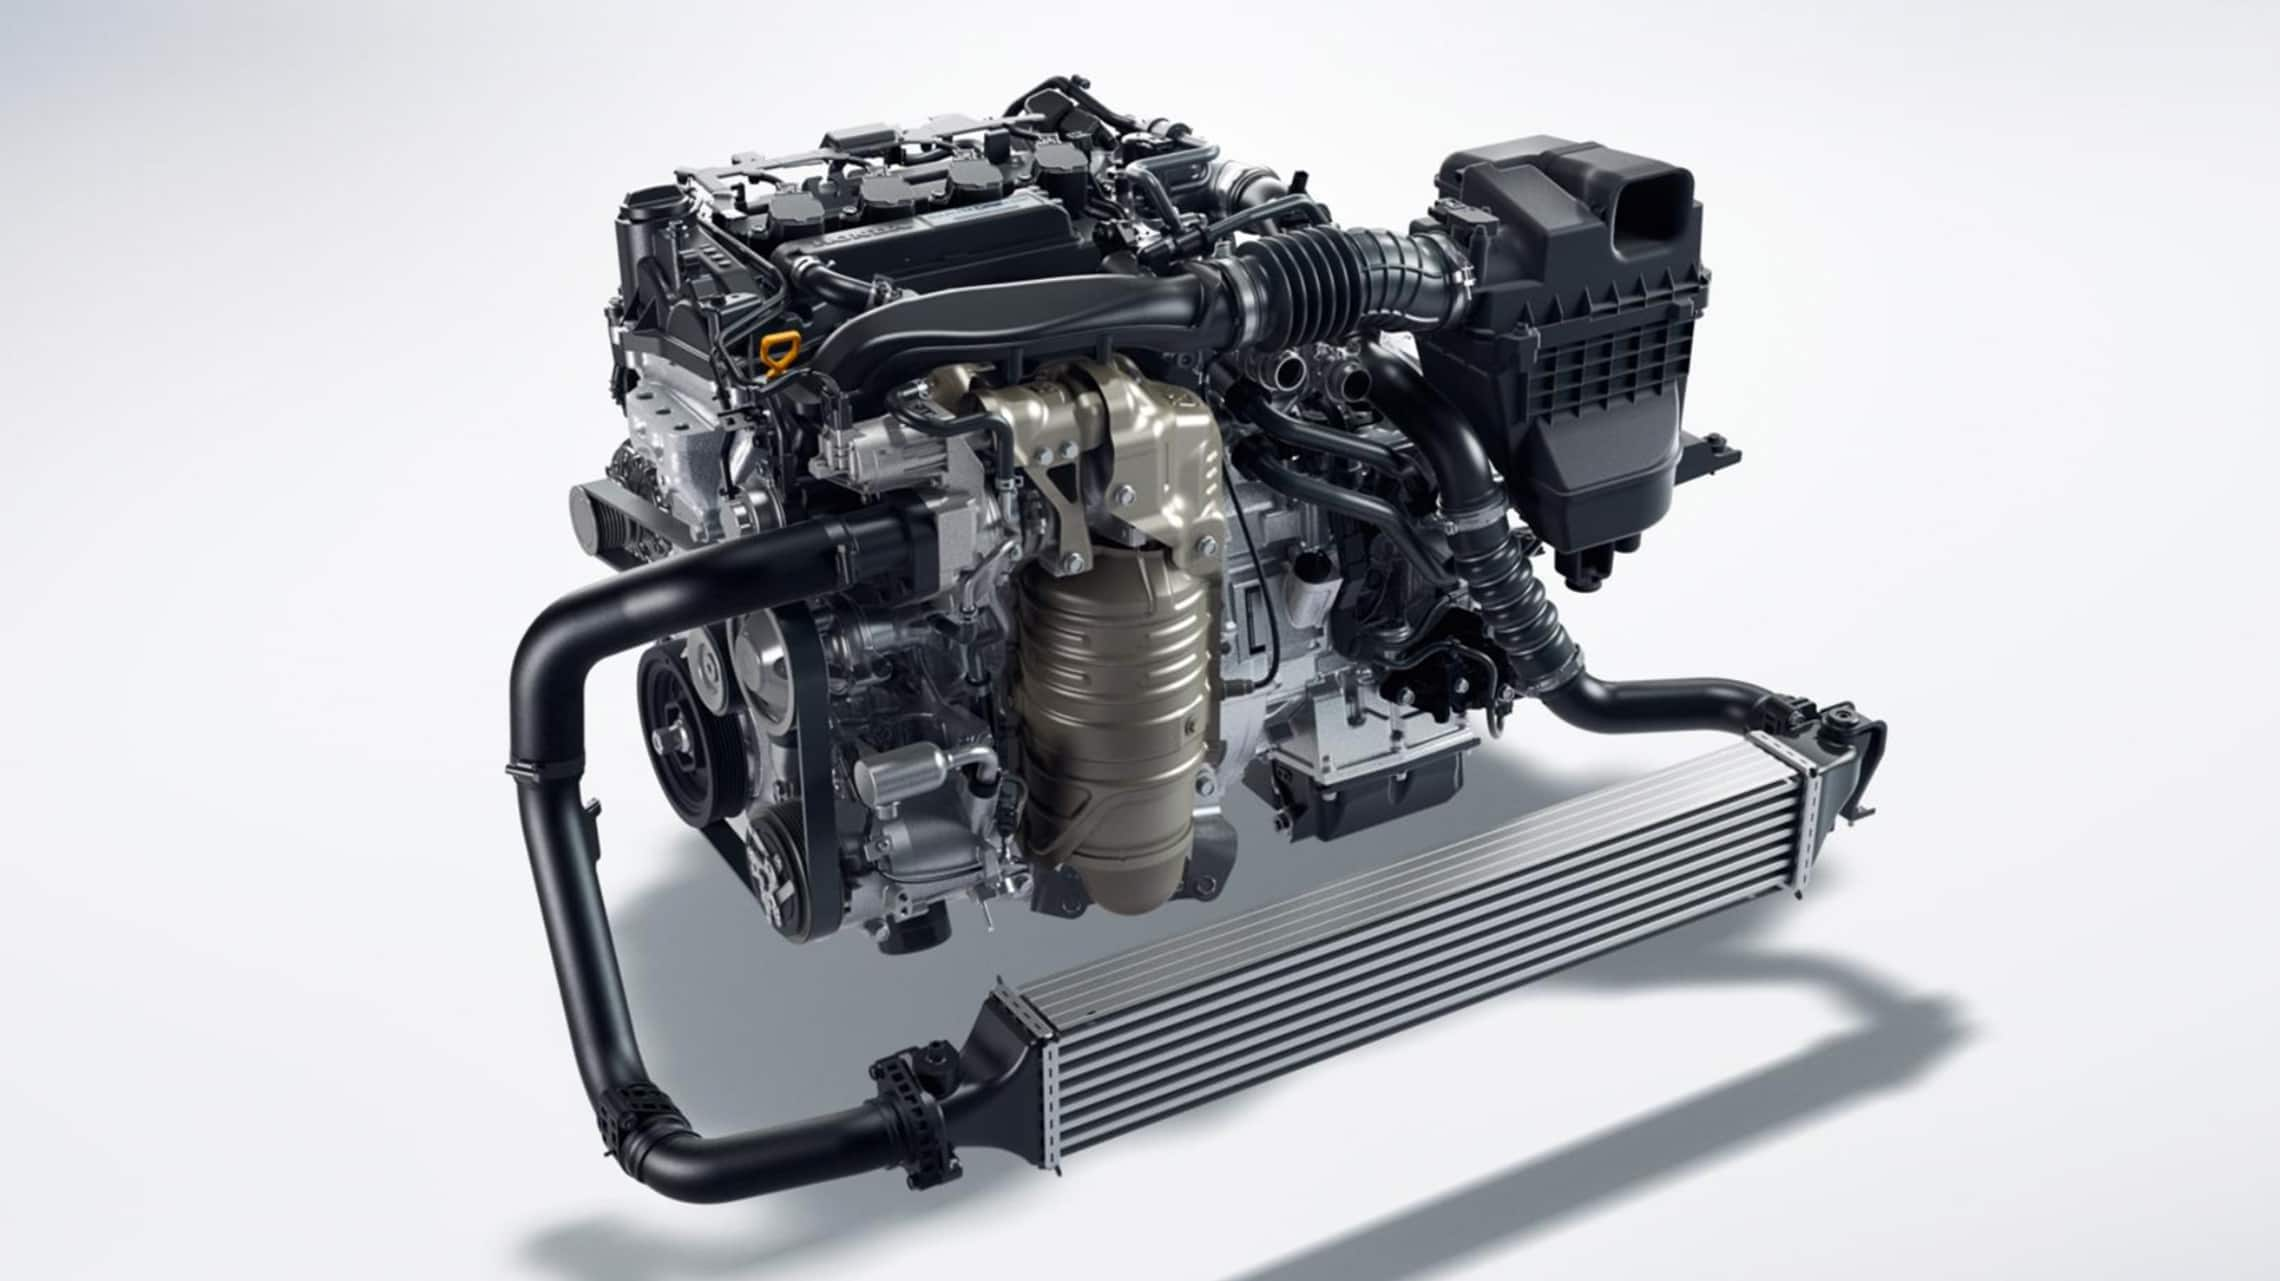 Detalle del motor turboalimentado de 1.5litros en el Honda Civic Hatchback2020.